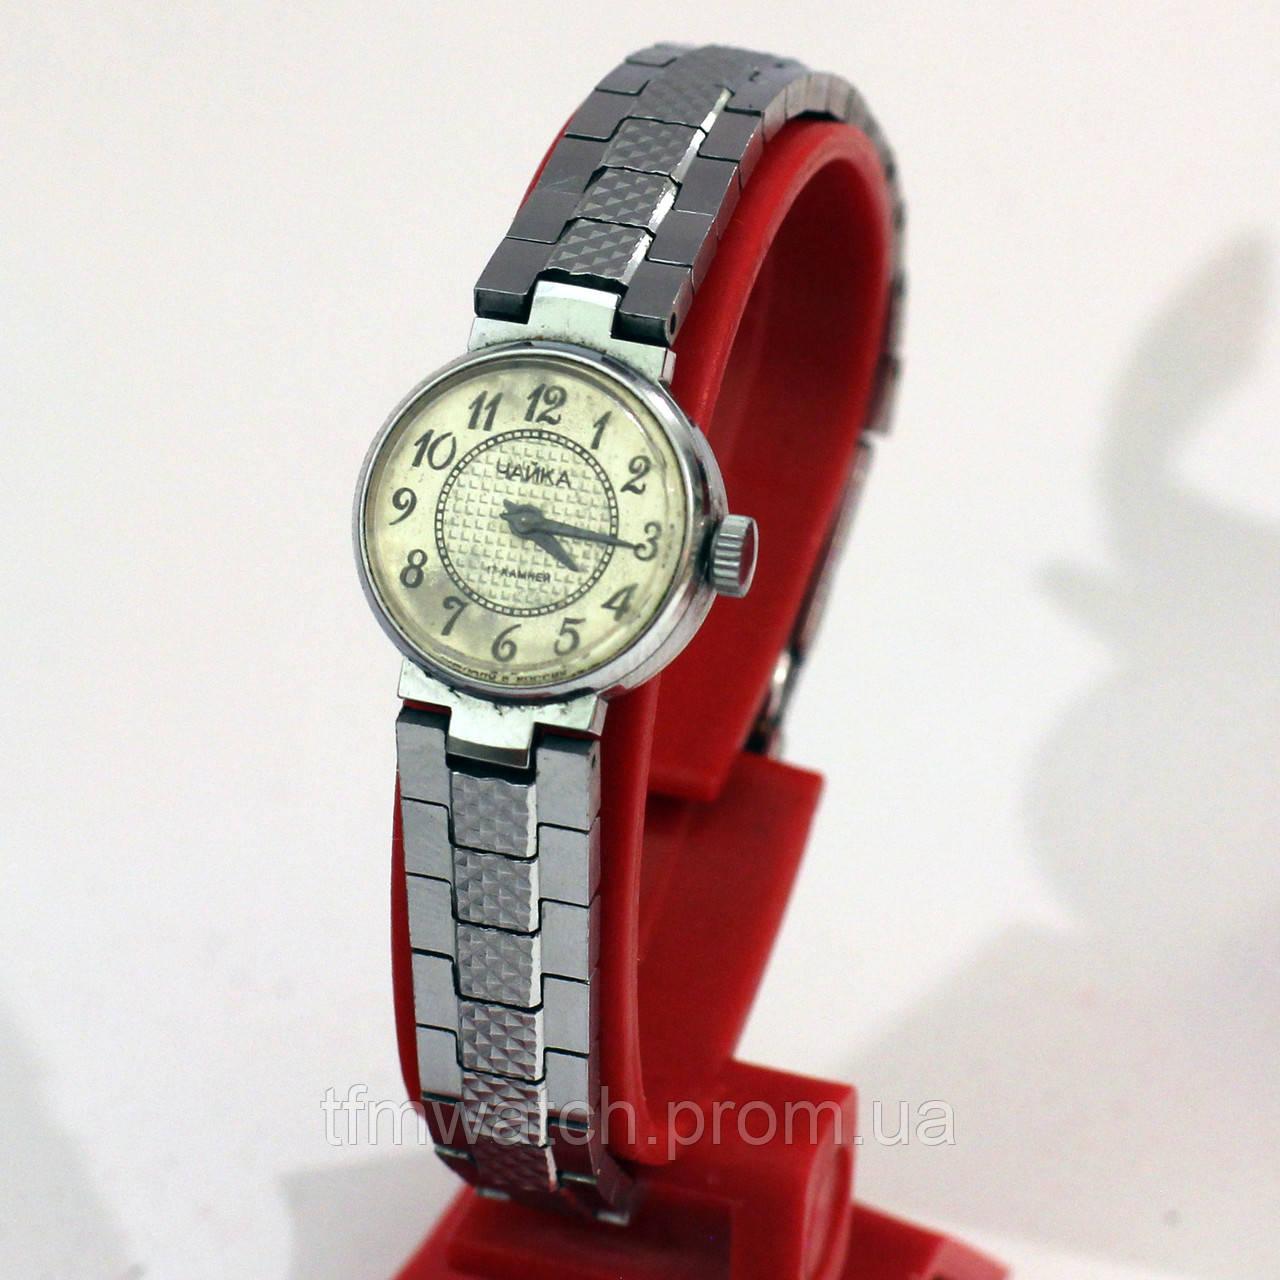 Чайка часы СССР женские